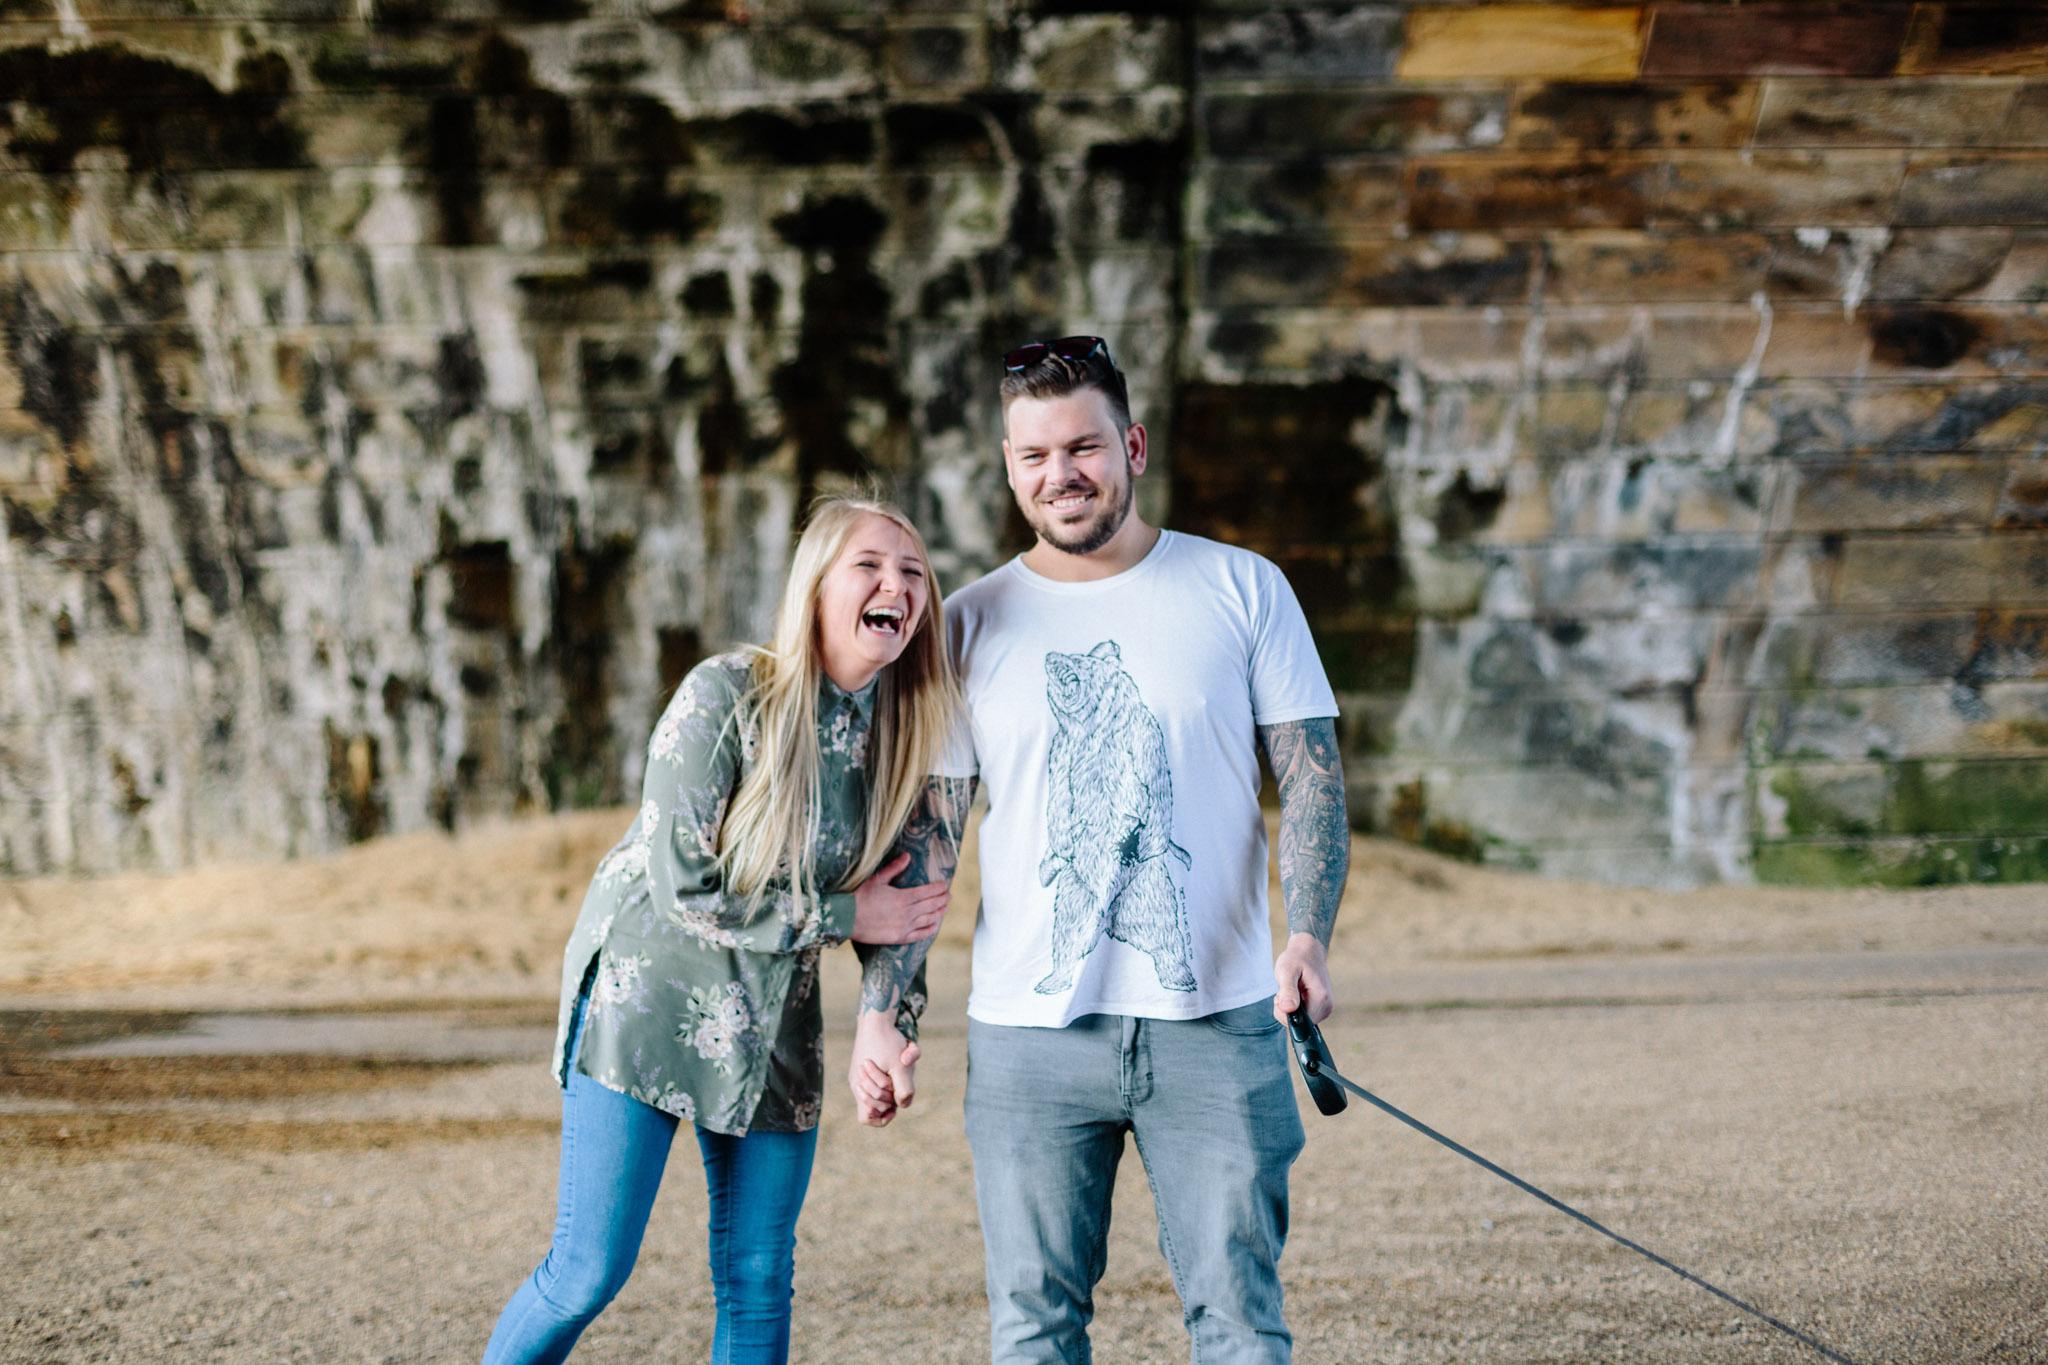 Hayley&RichardCaptureYouSession-9-2.jpg